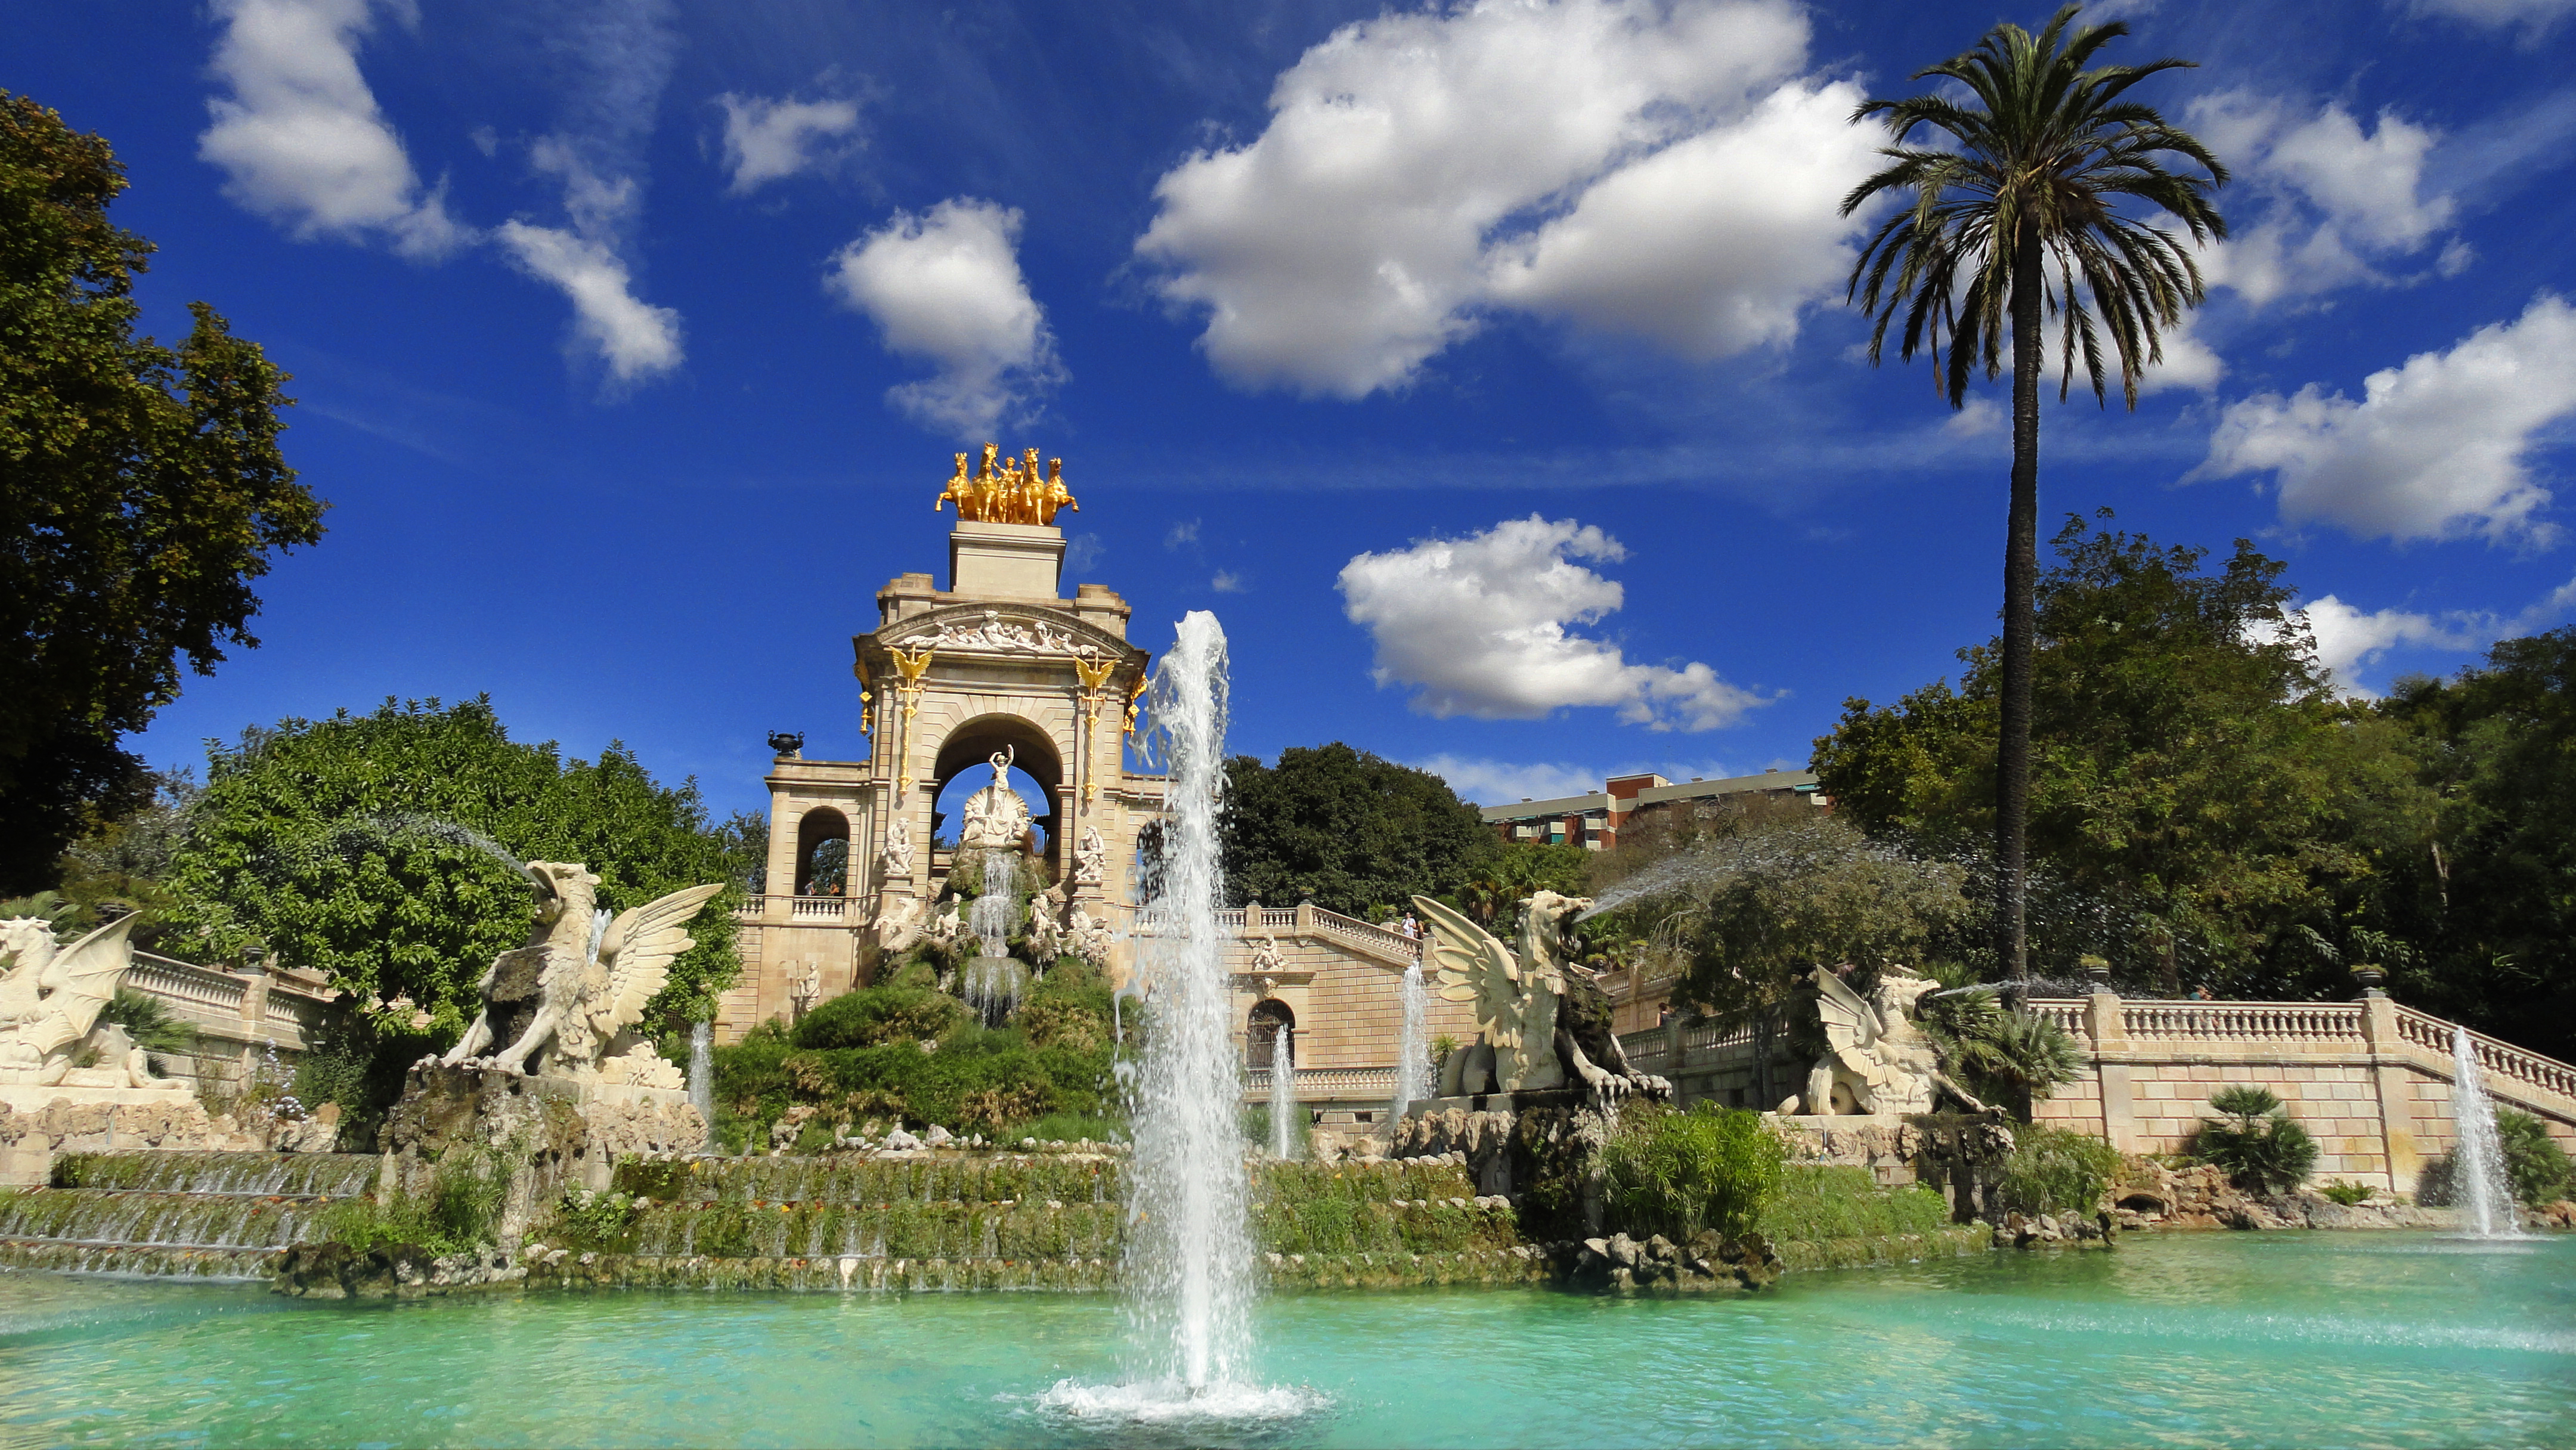 Cascada del Parque de la Ciudadela, Barcelona DSC01898.jpg